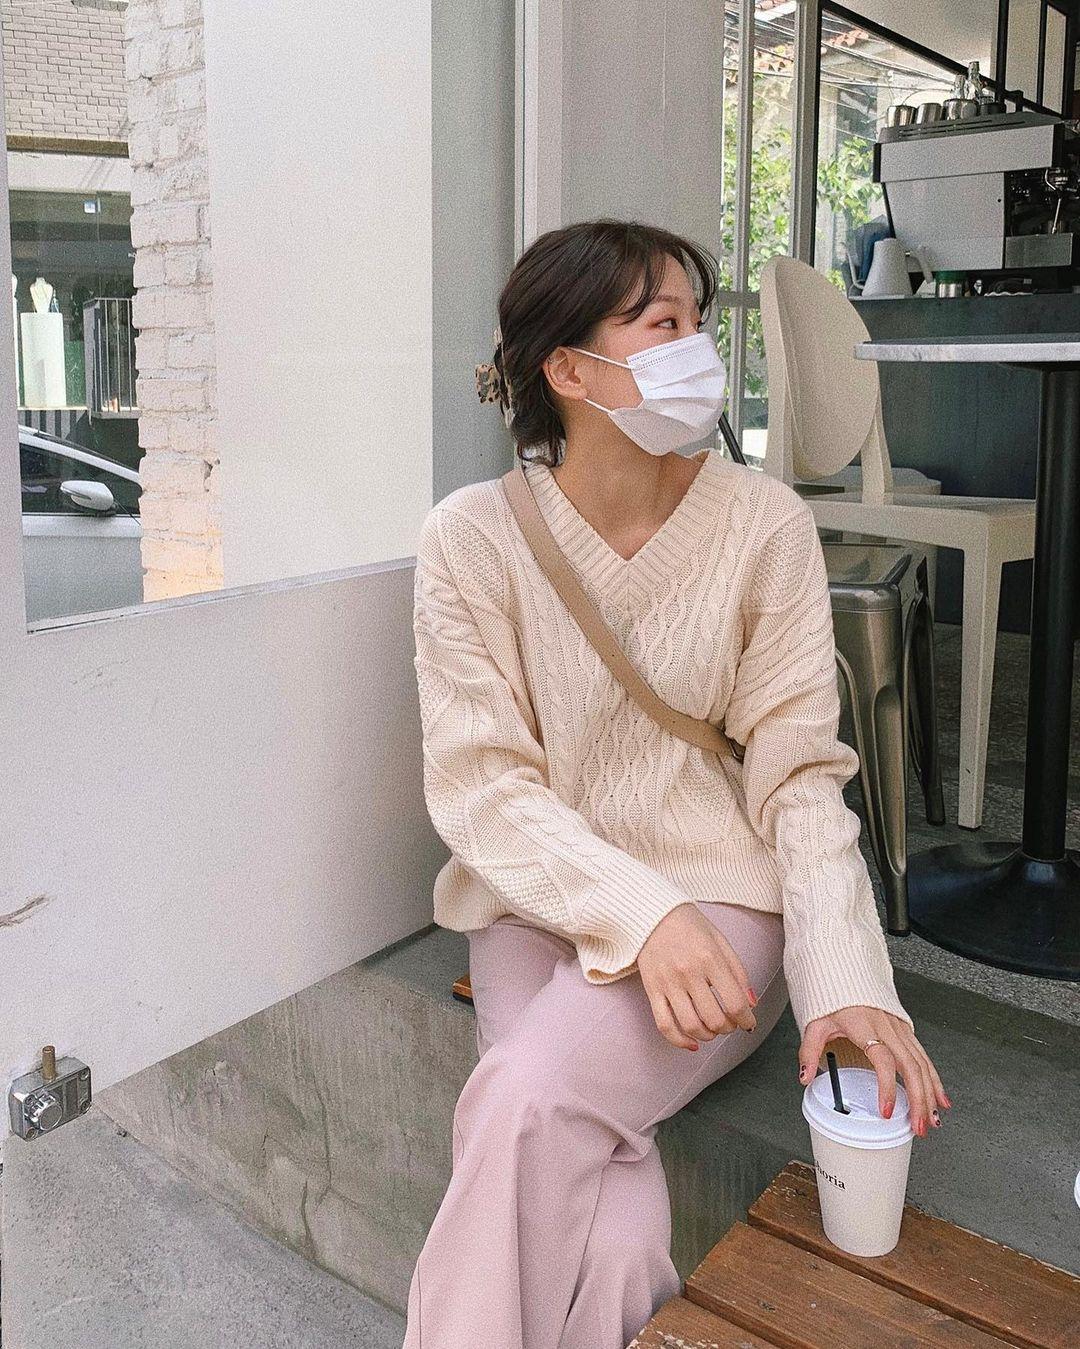 Đáng sắm nhất lúc này là áo len trắng vì có 10 cách diện trang nhã đẹp mê, nàng nào cũng áp dụng được - Ảnh 9.